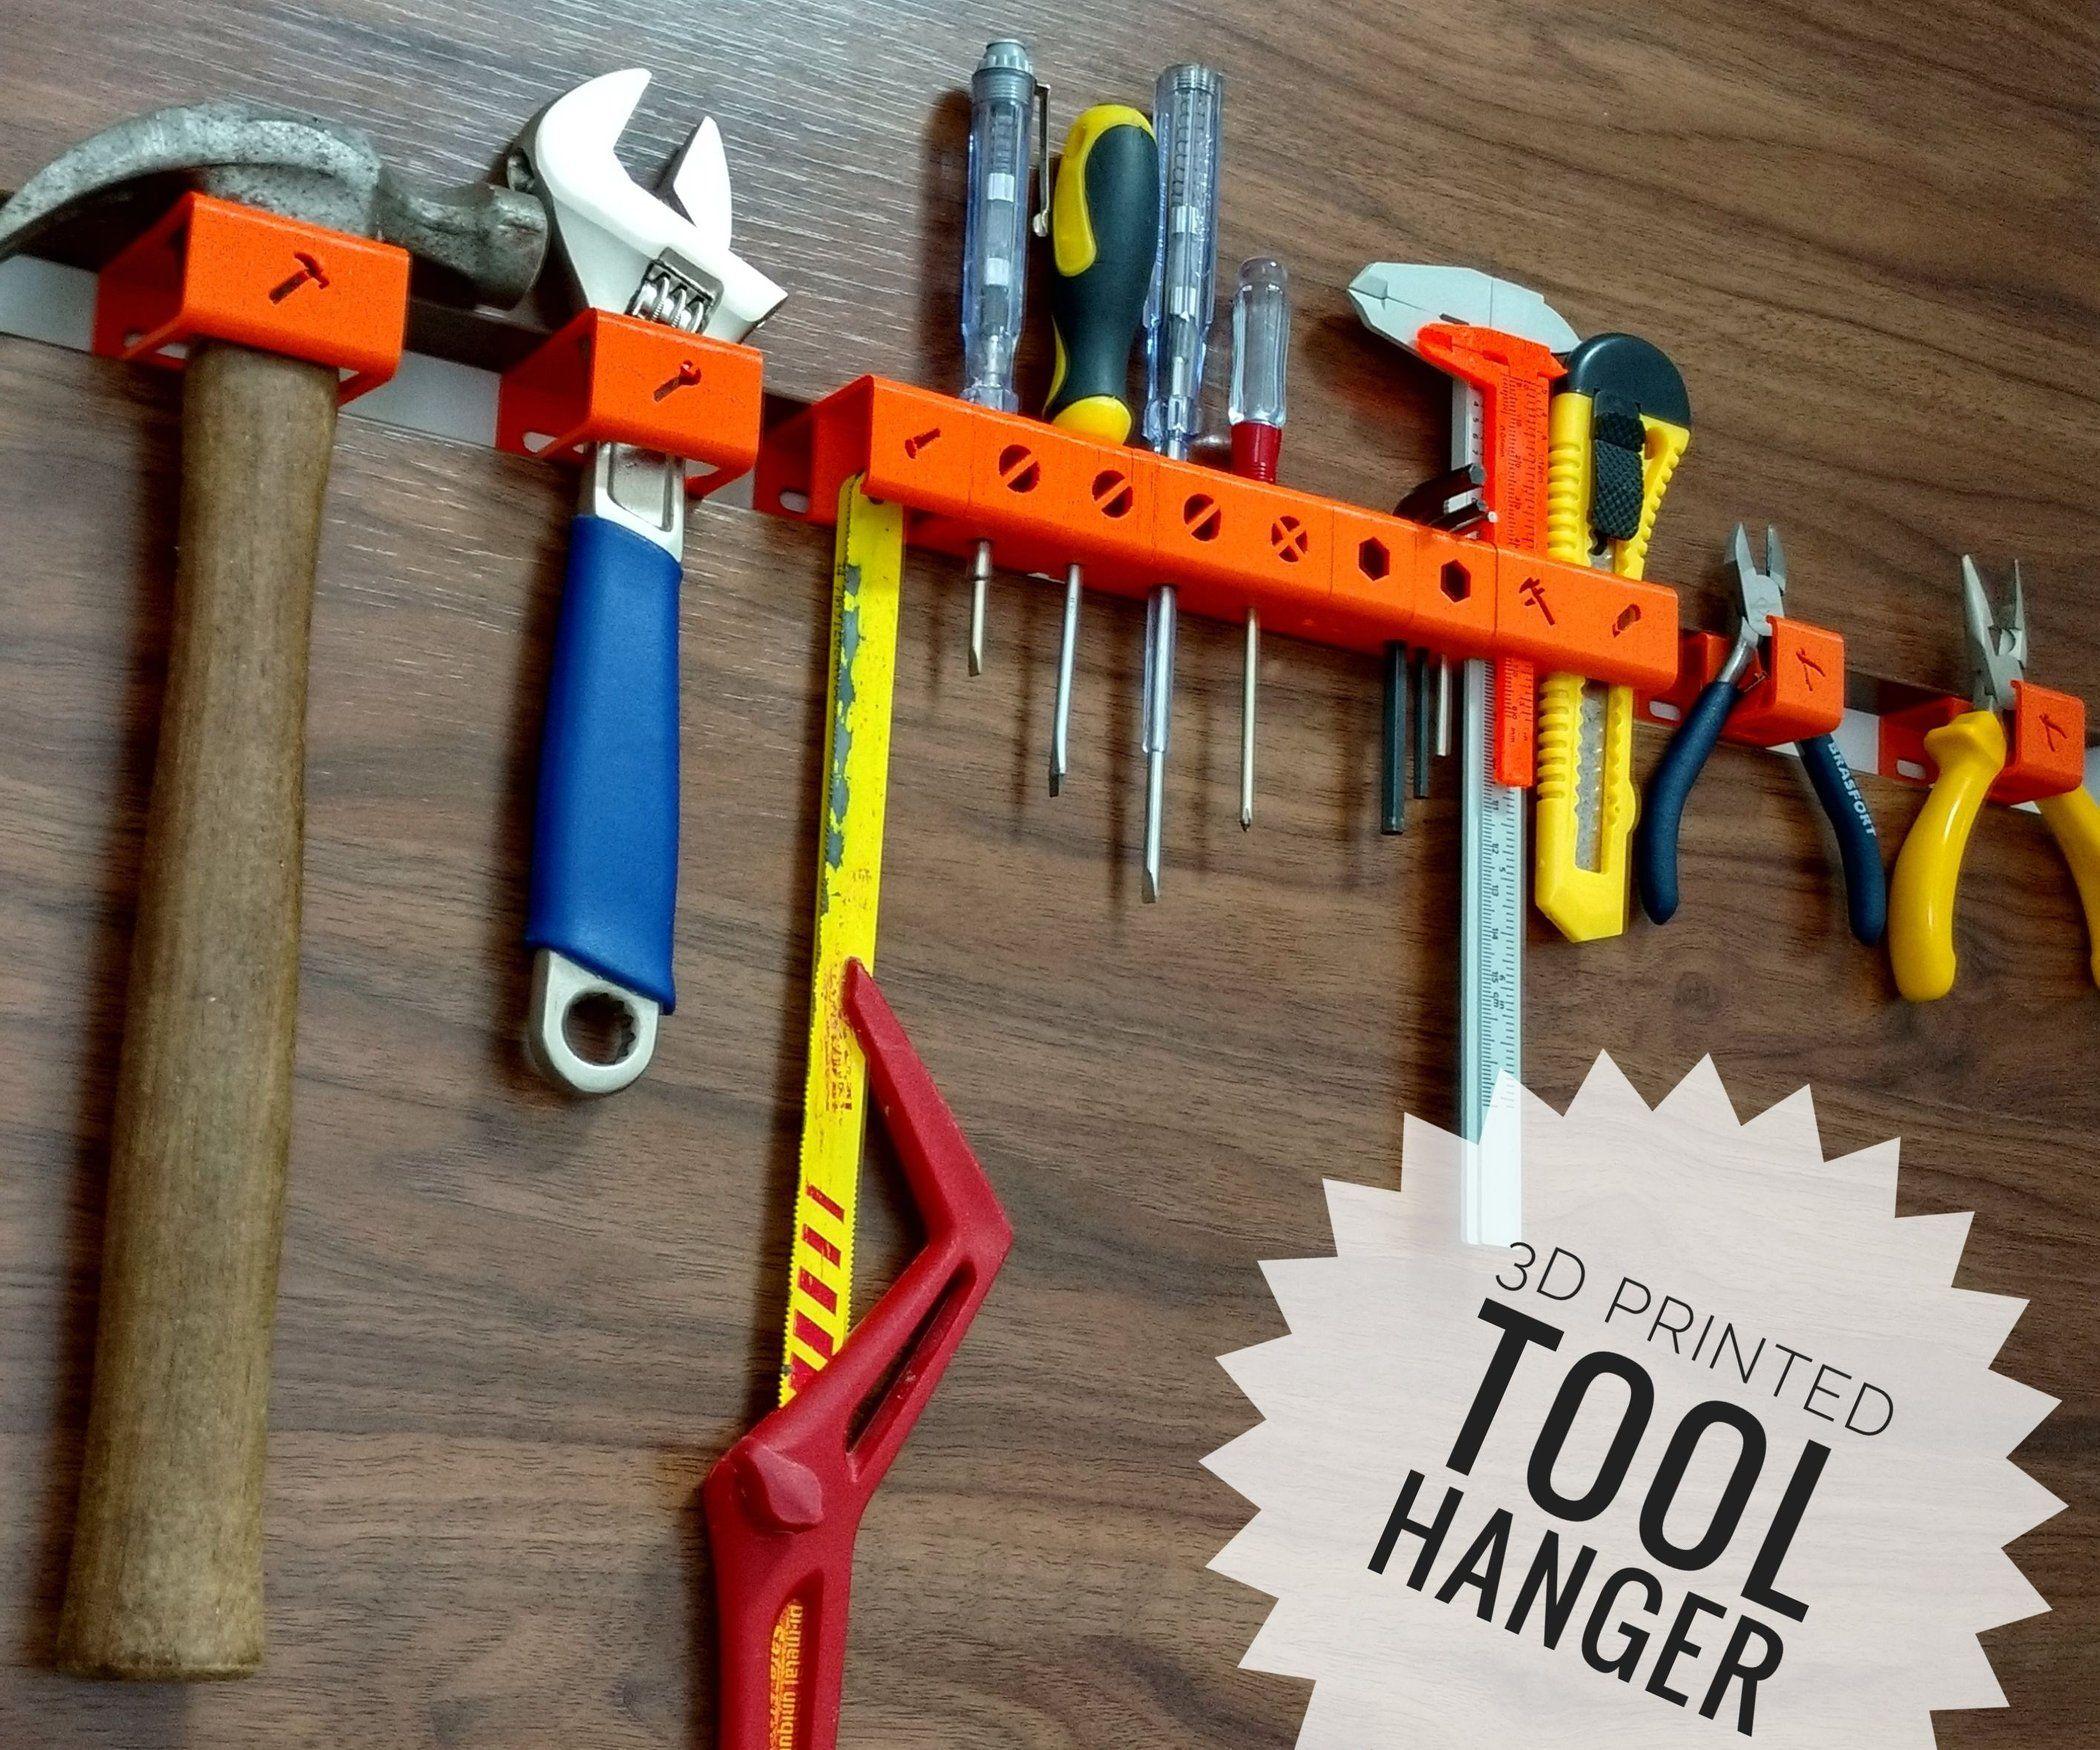 3d printed tool hanger 3d printing diy 3d printing